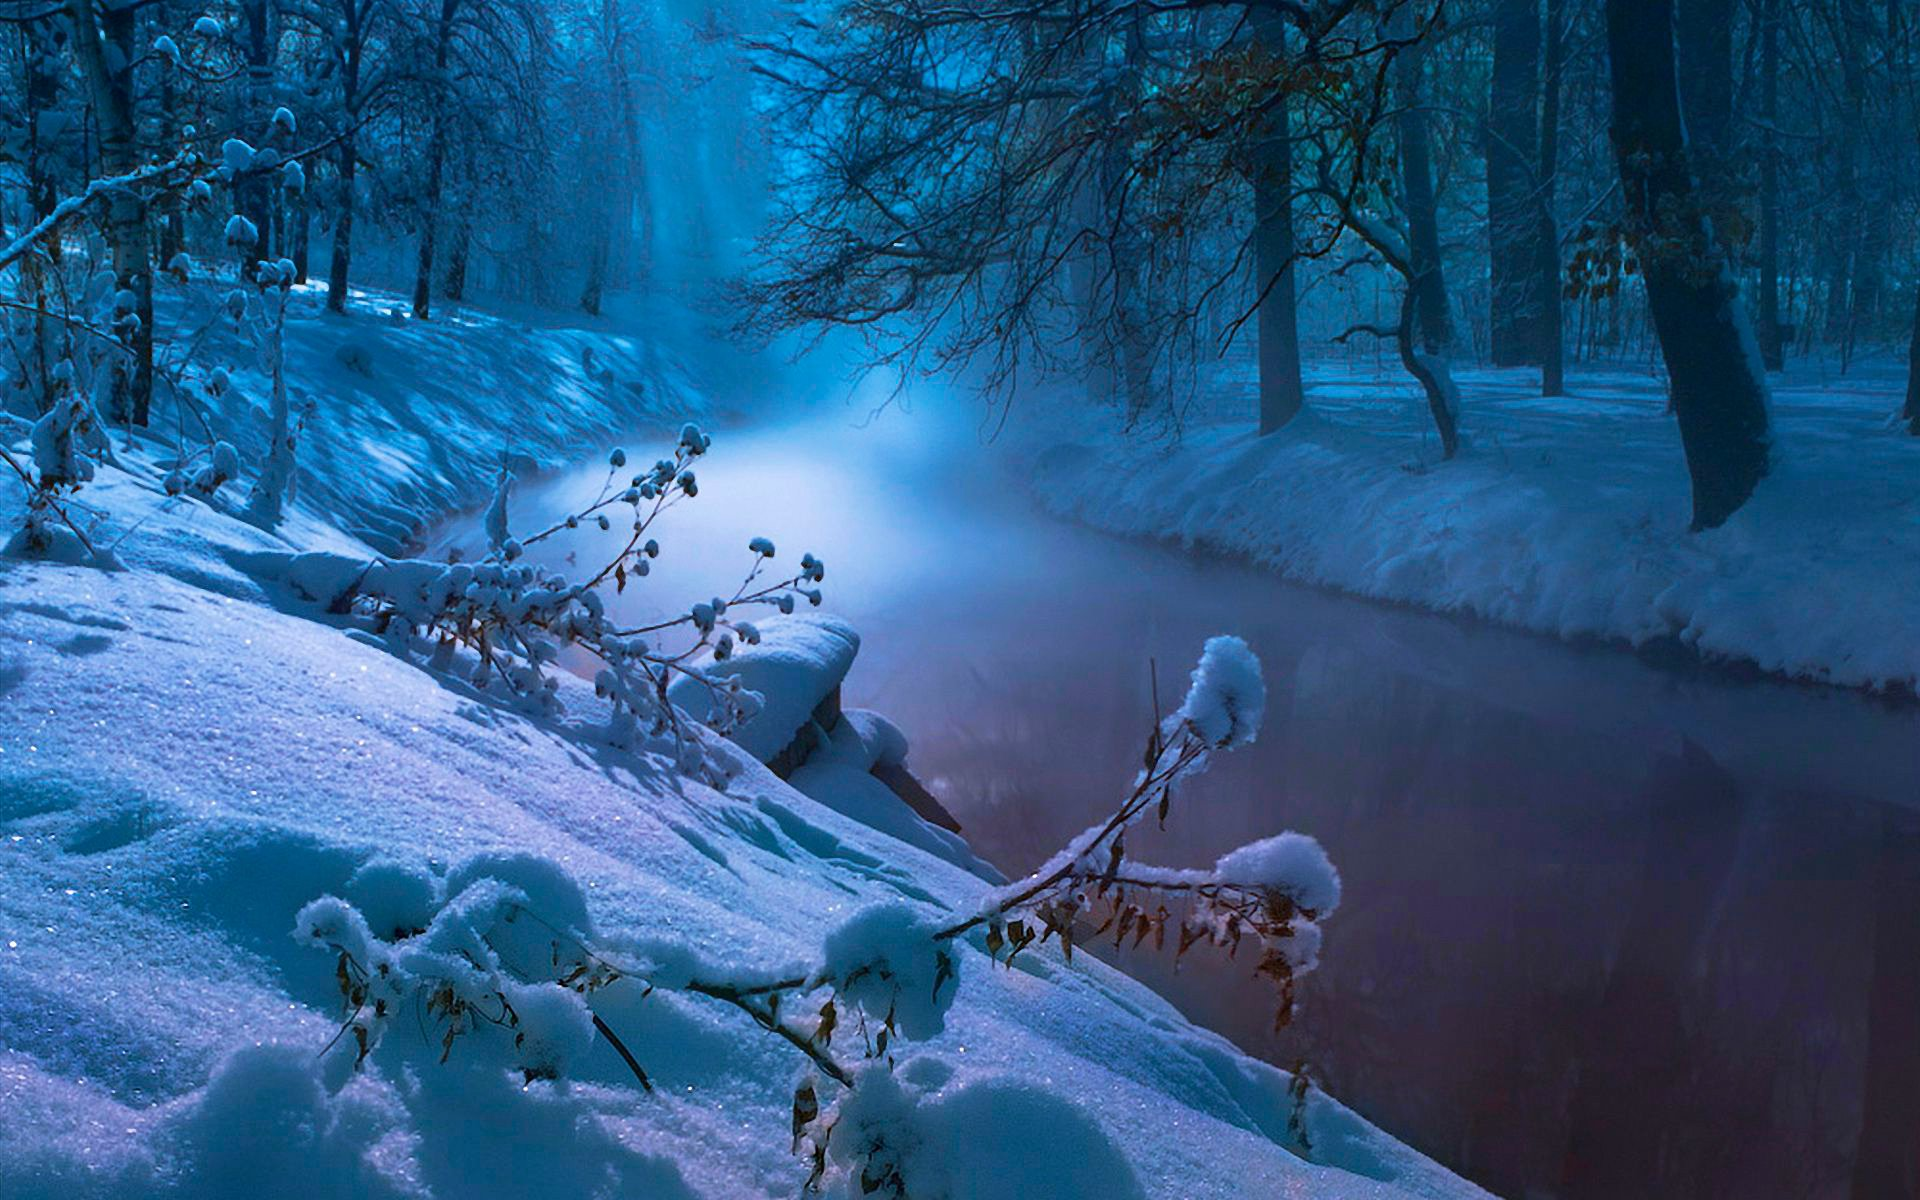 природа река снег зима деревья nature river snow winter trees скачать